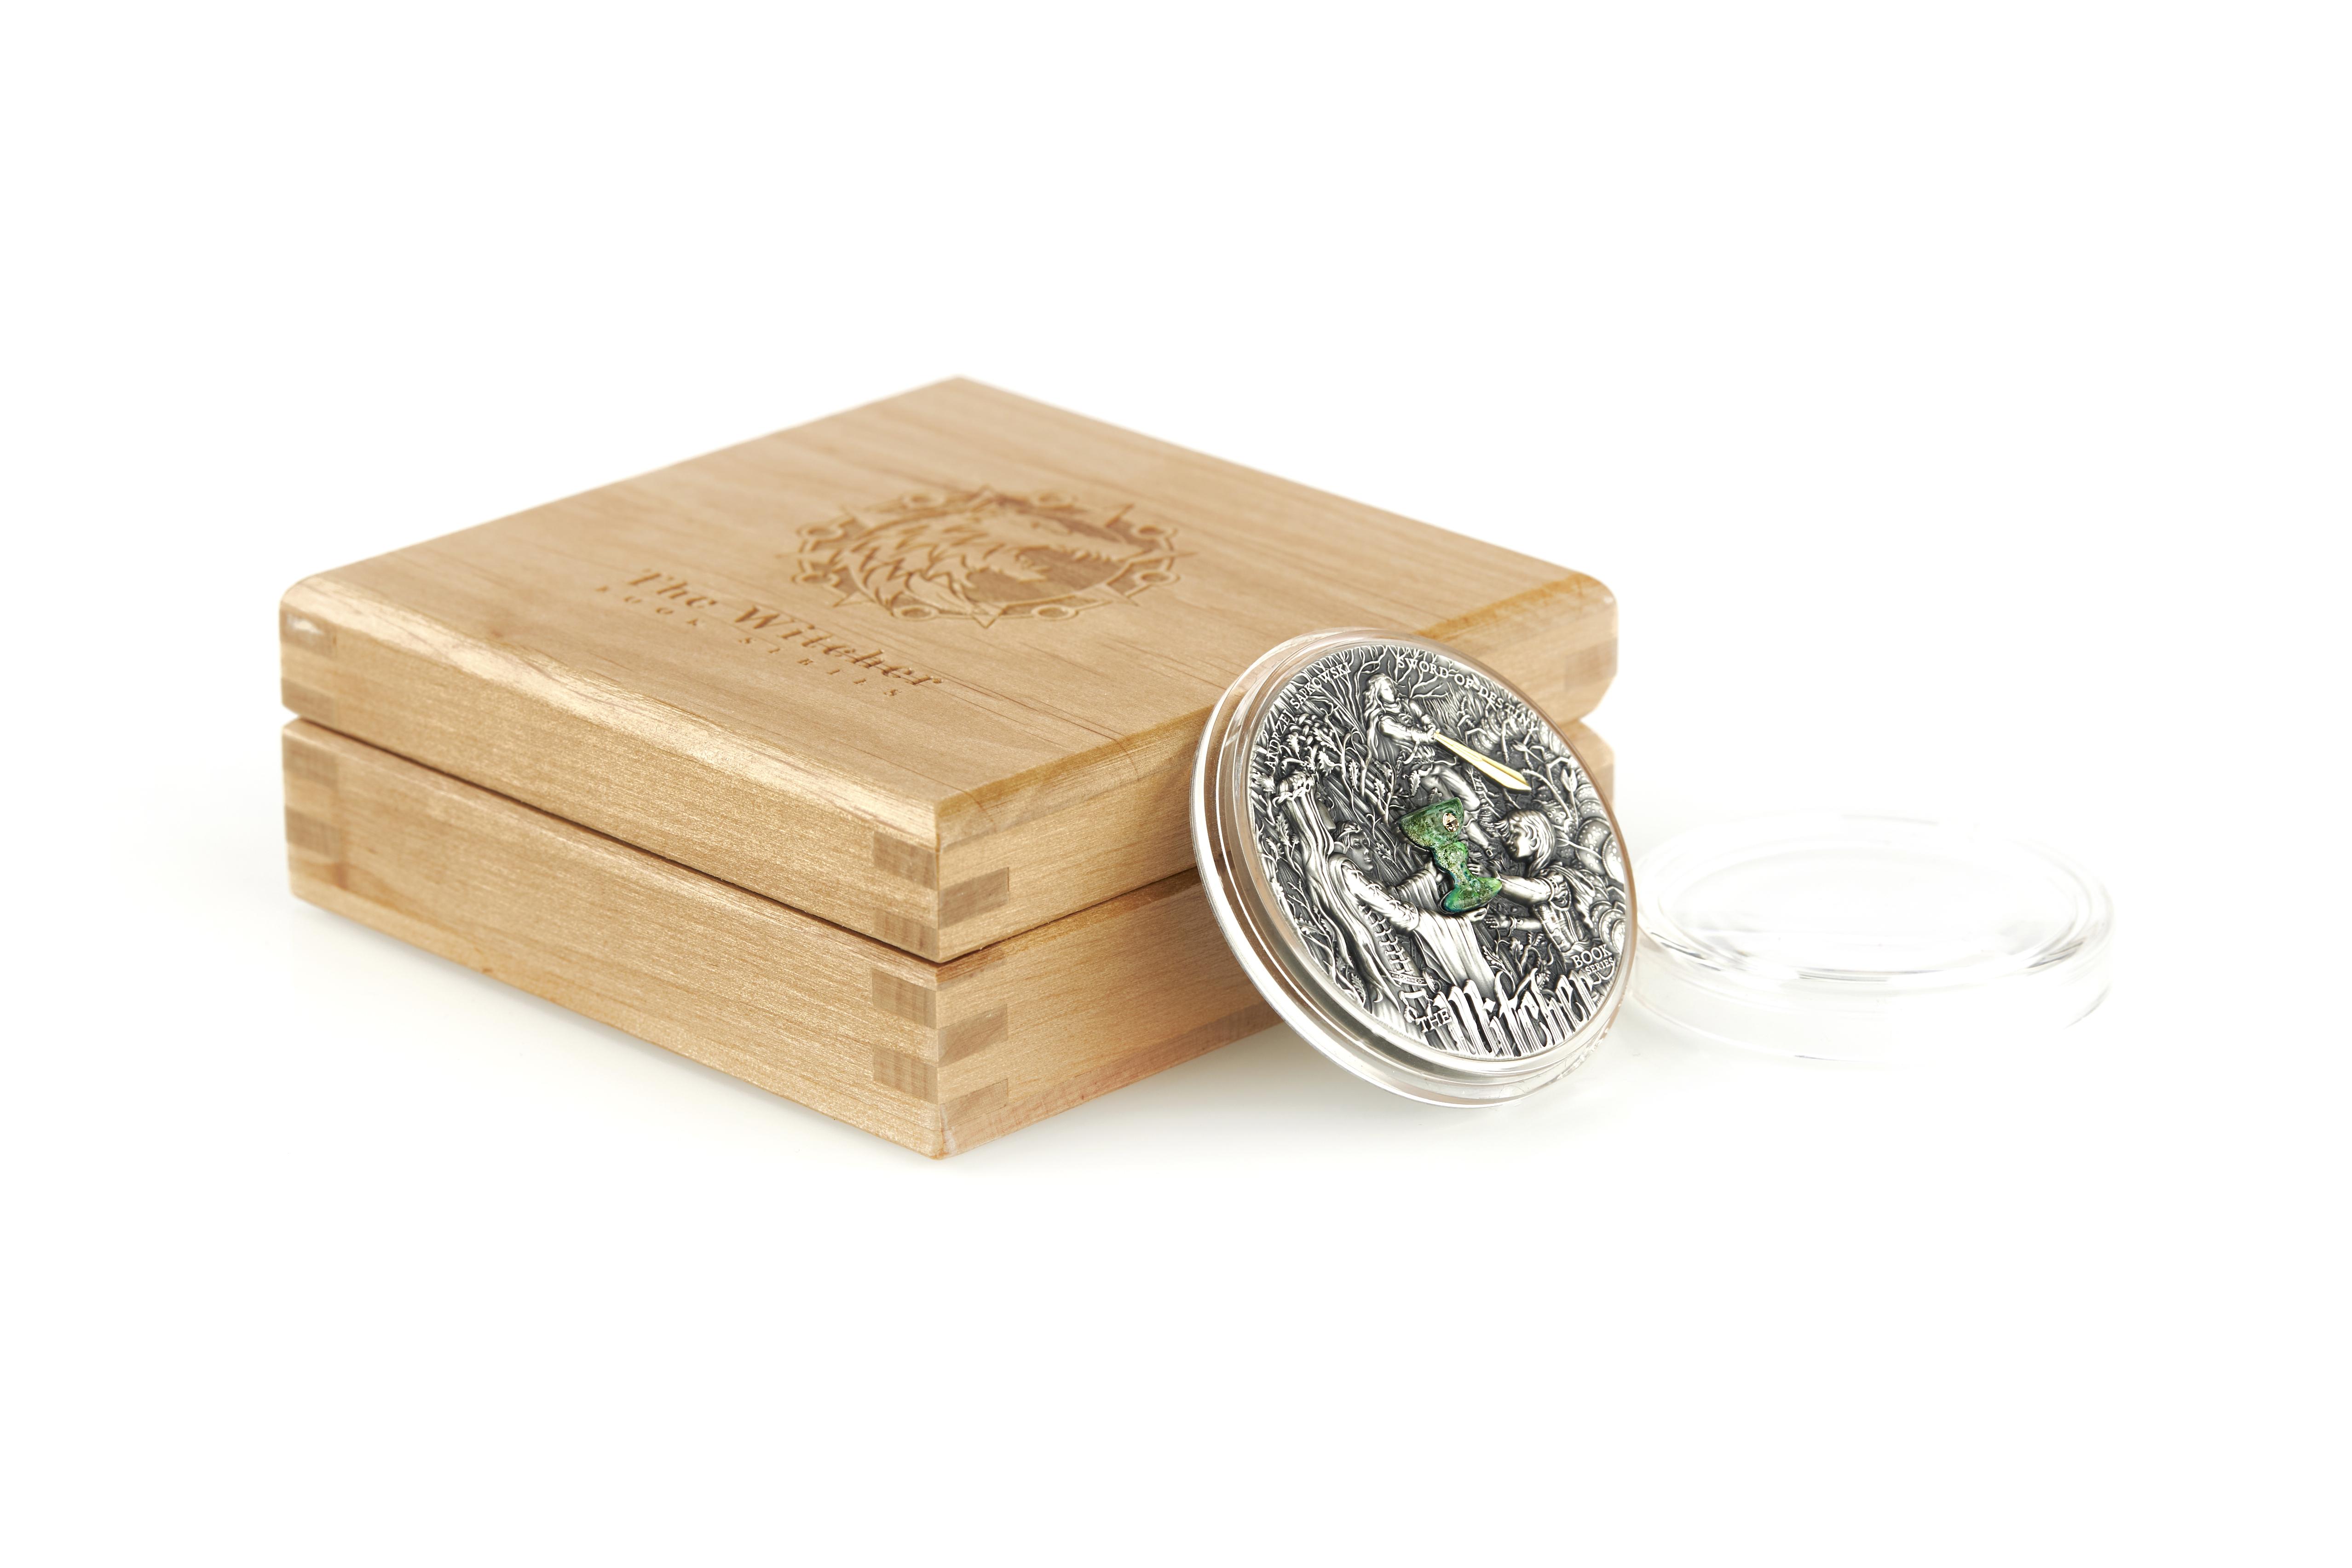 Moneta Miecz Przeznaczenia 2 oz i jej eleganckie opakowanie.